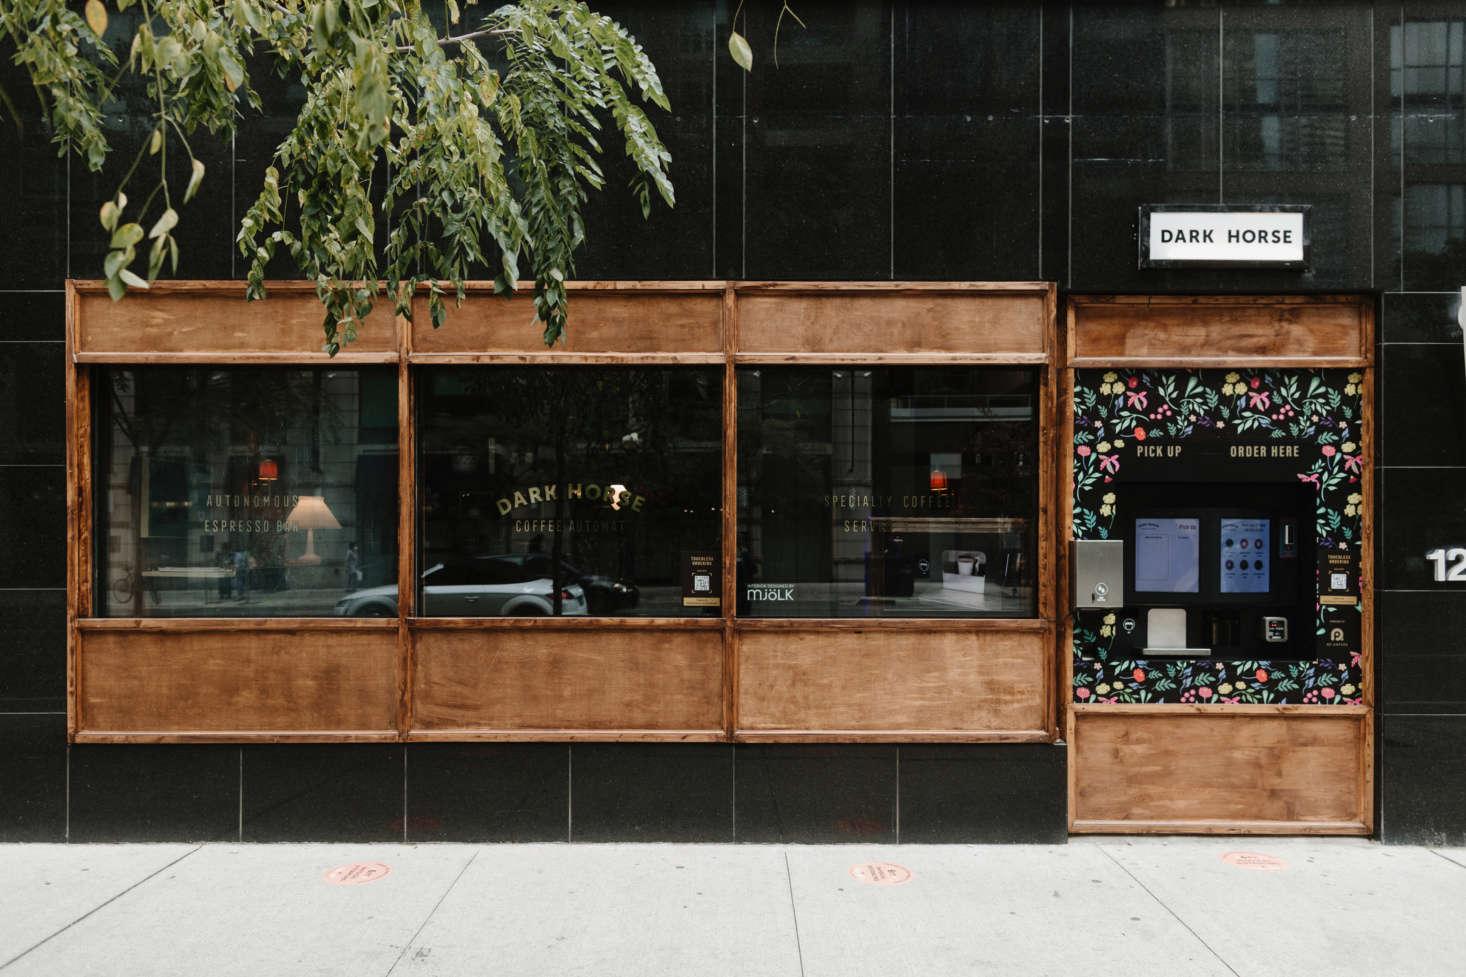 A fachada apresenta uma estação de pedidos ao ar livre;  os transeuntes podem espiar pela janela o interior de uma cafeteria em formato de palco.